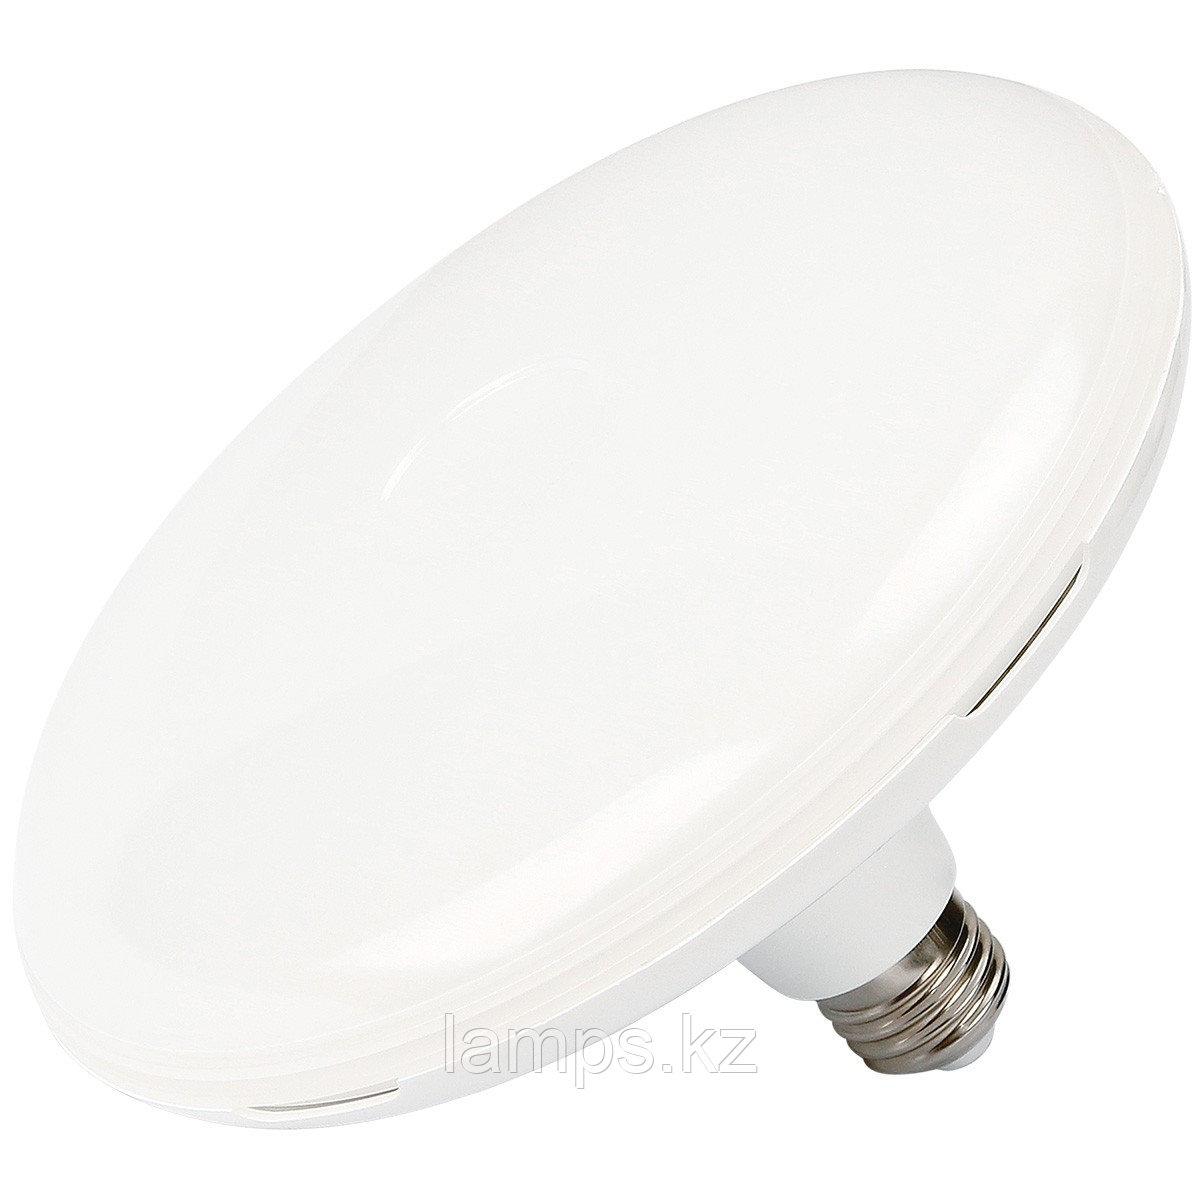 Светодиодная лампа LED MB30 30W E27 5700-6000K